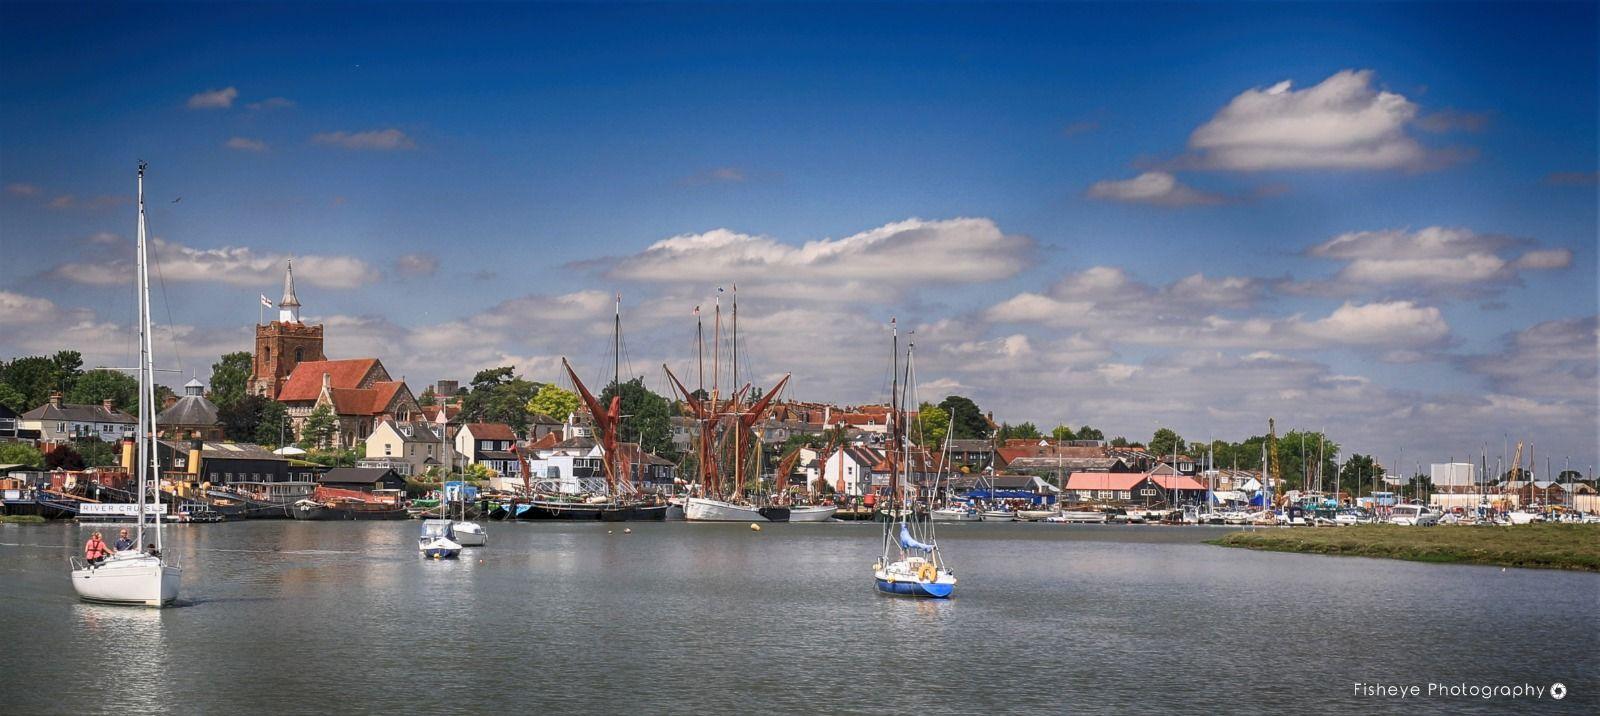 The Hythe Quay